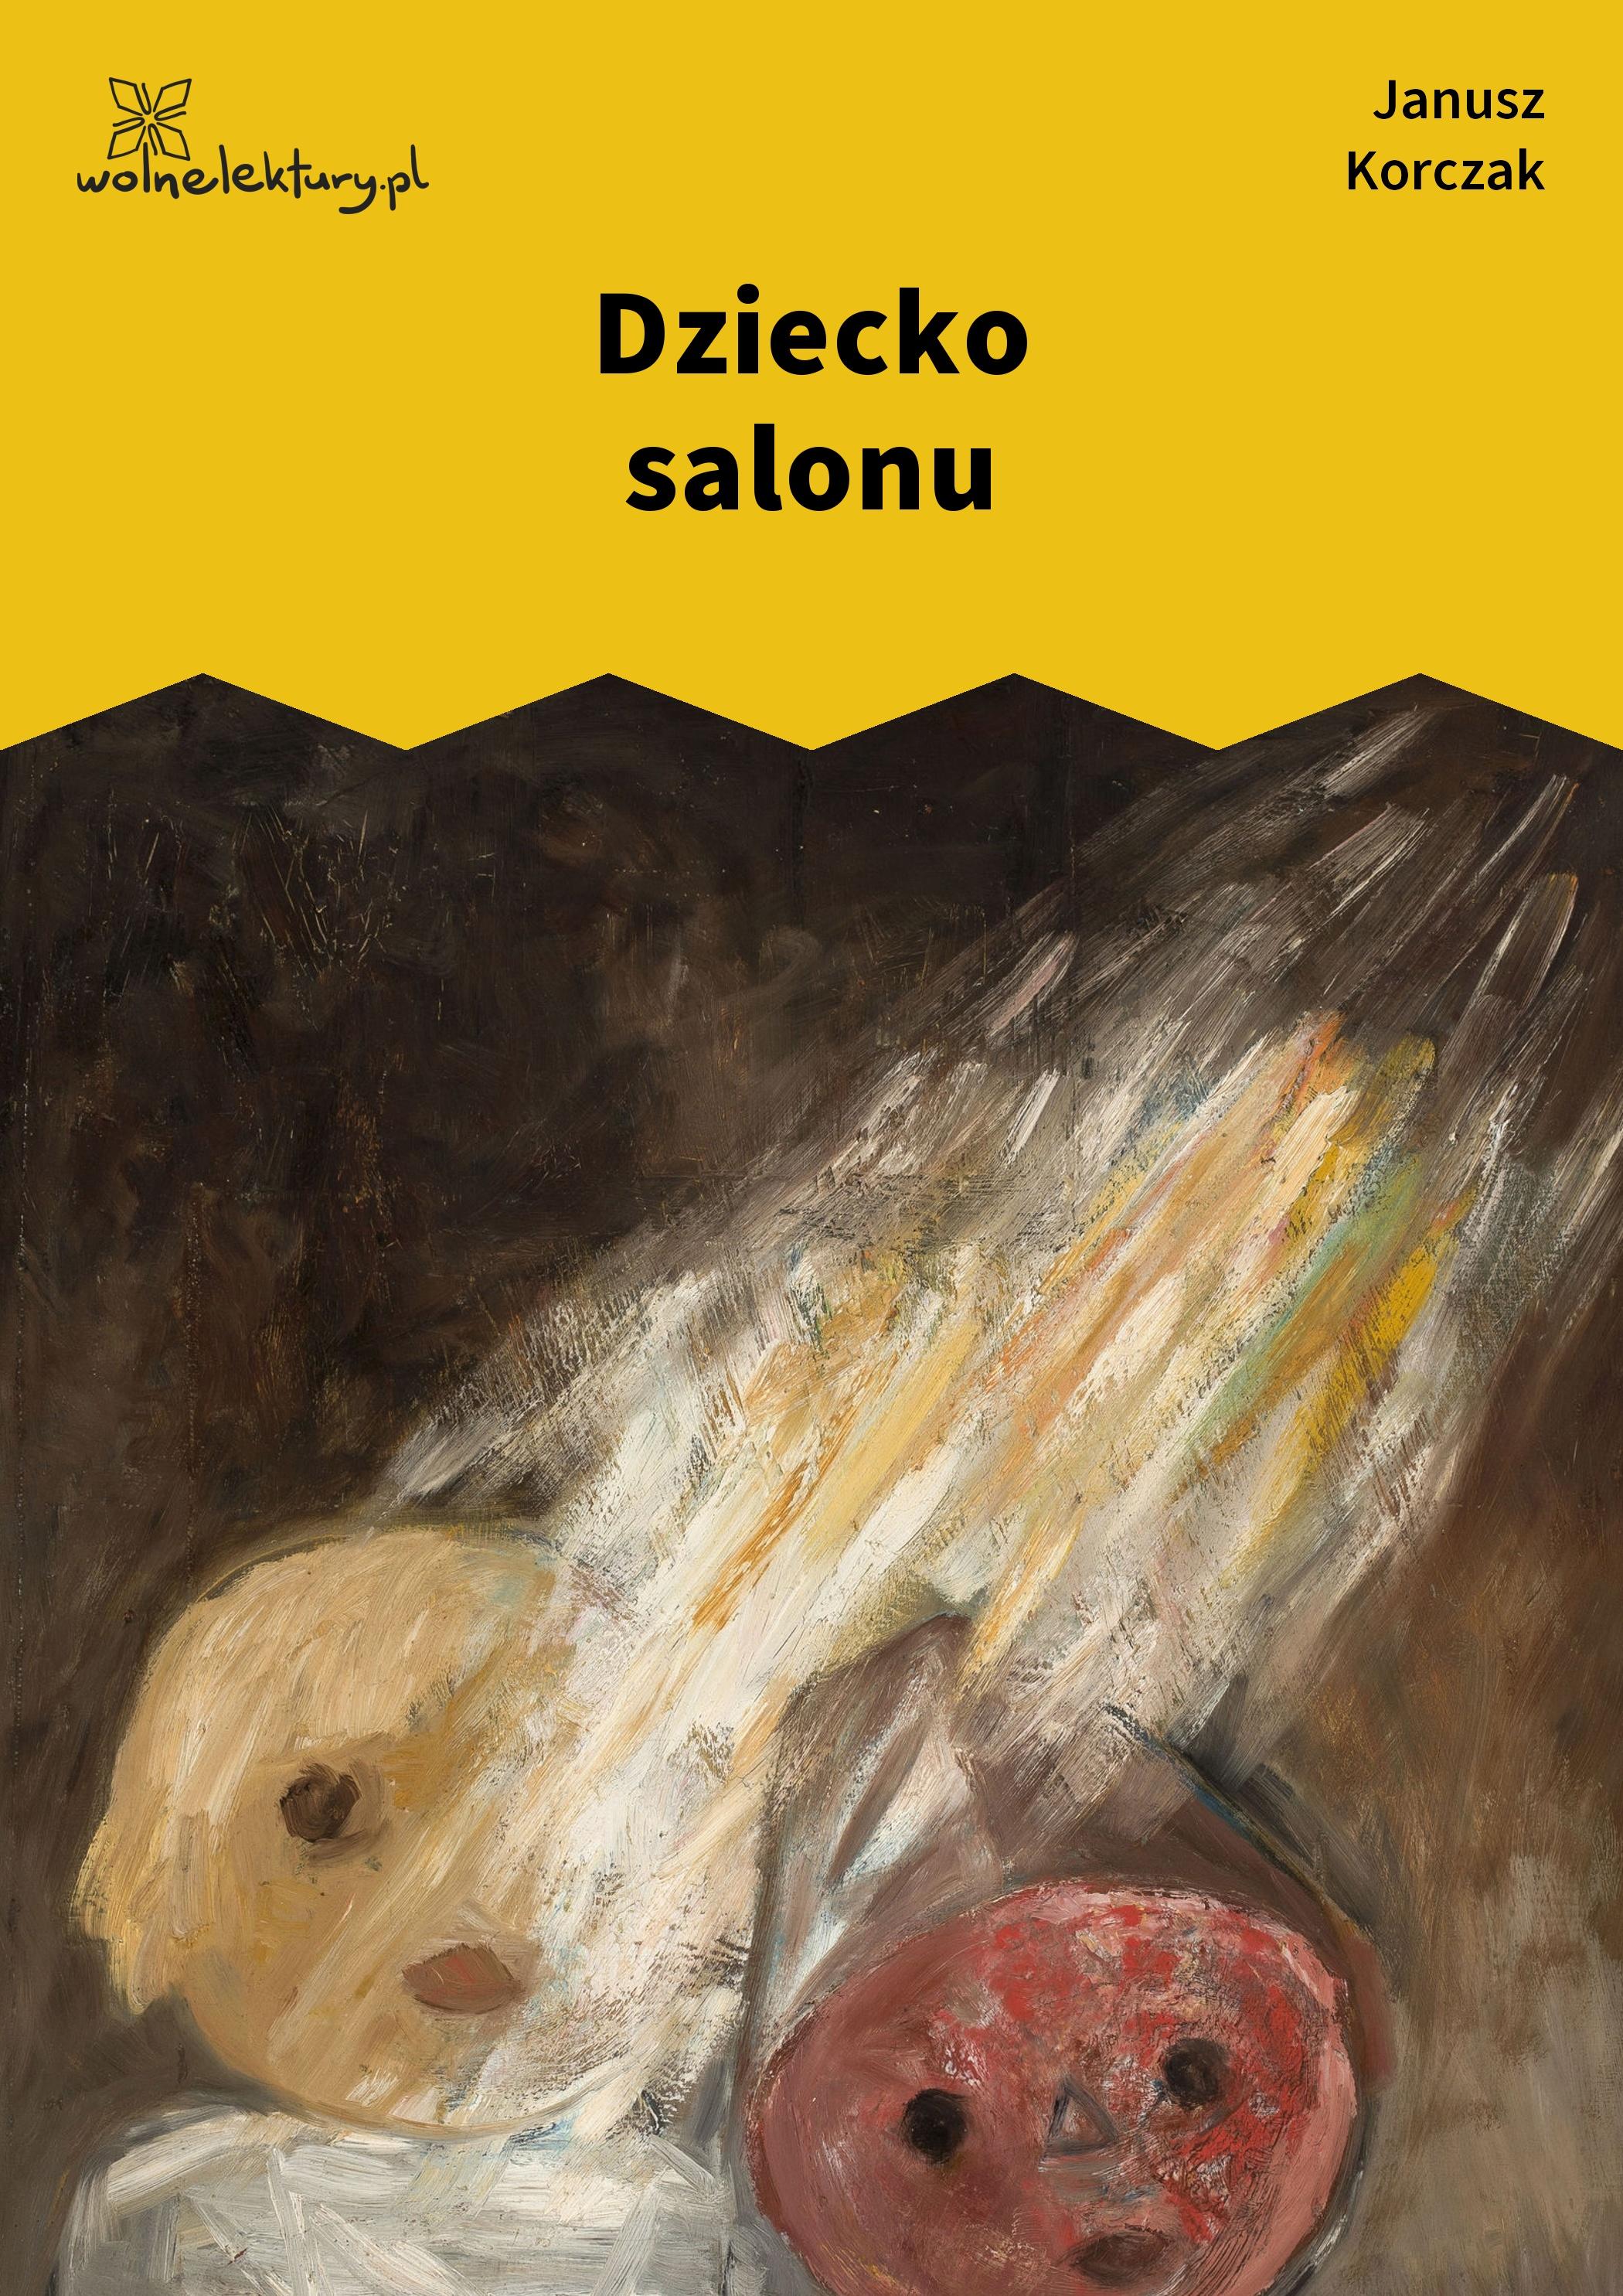 mikołaj kopernik krótka biografia dla dzieci